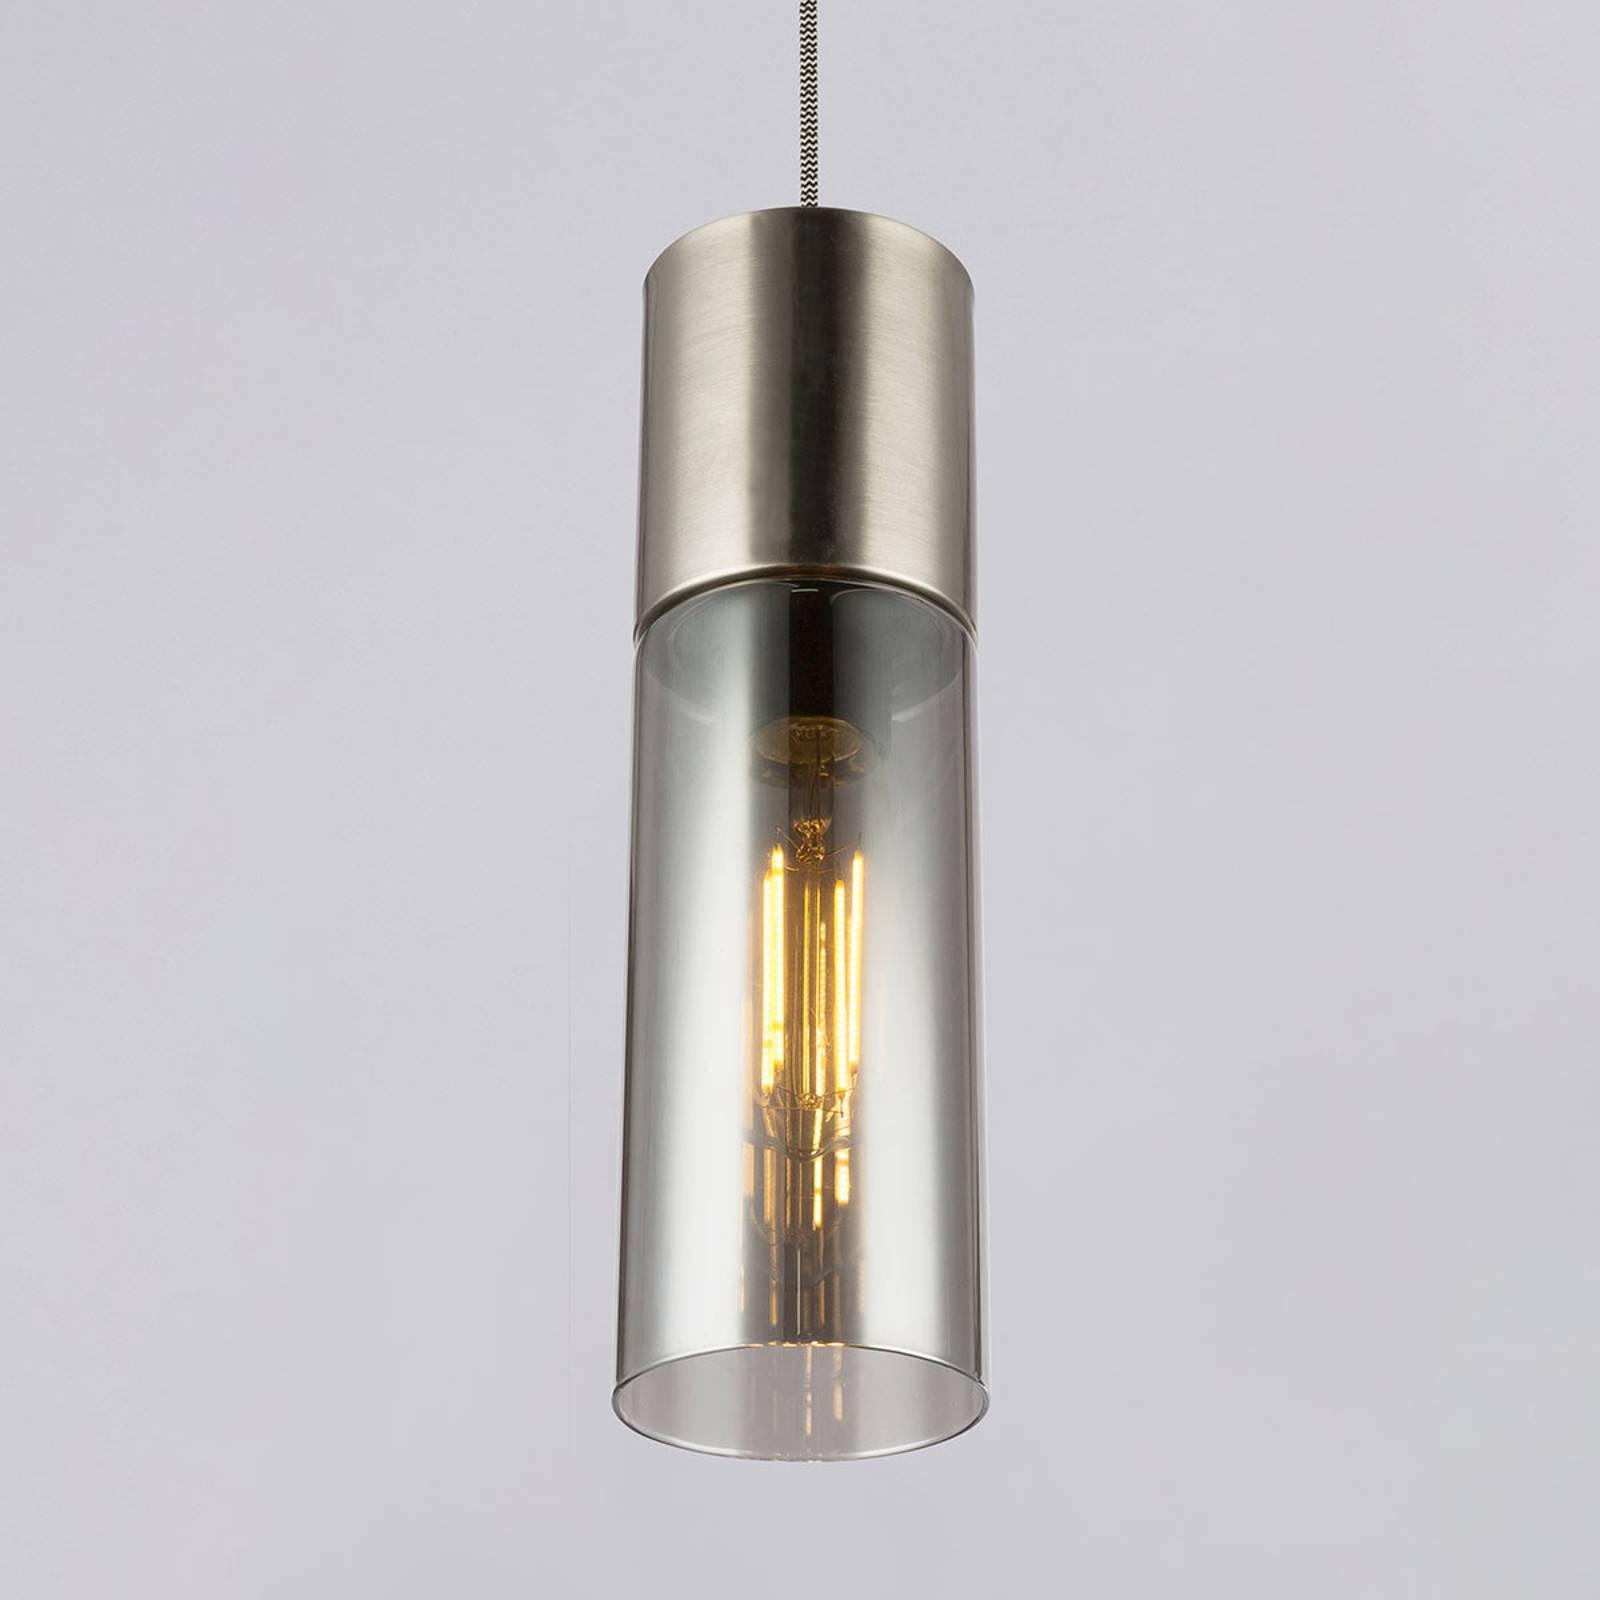 Hanglamp Annika, 1-lamp, nikkel